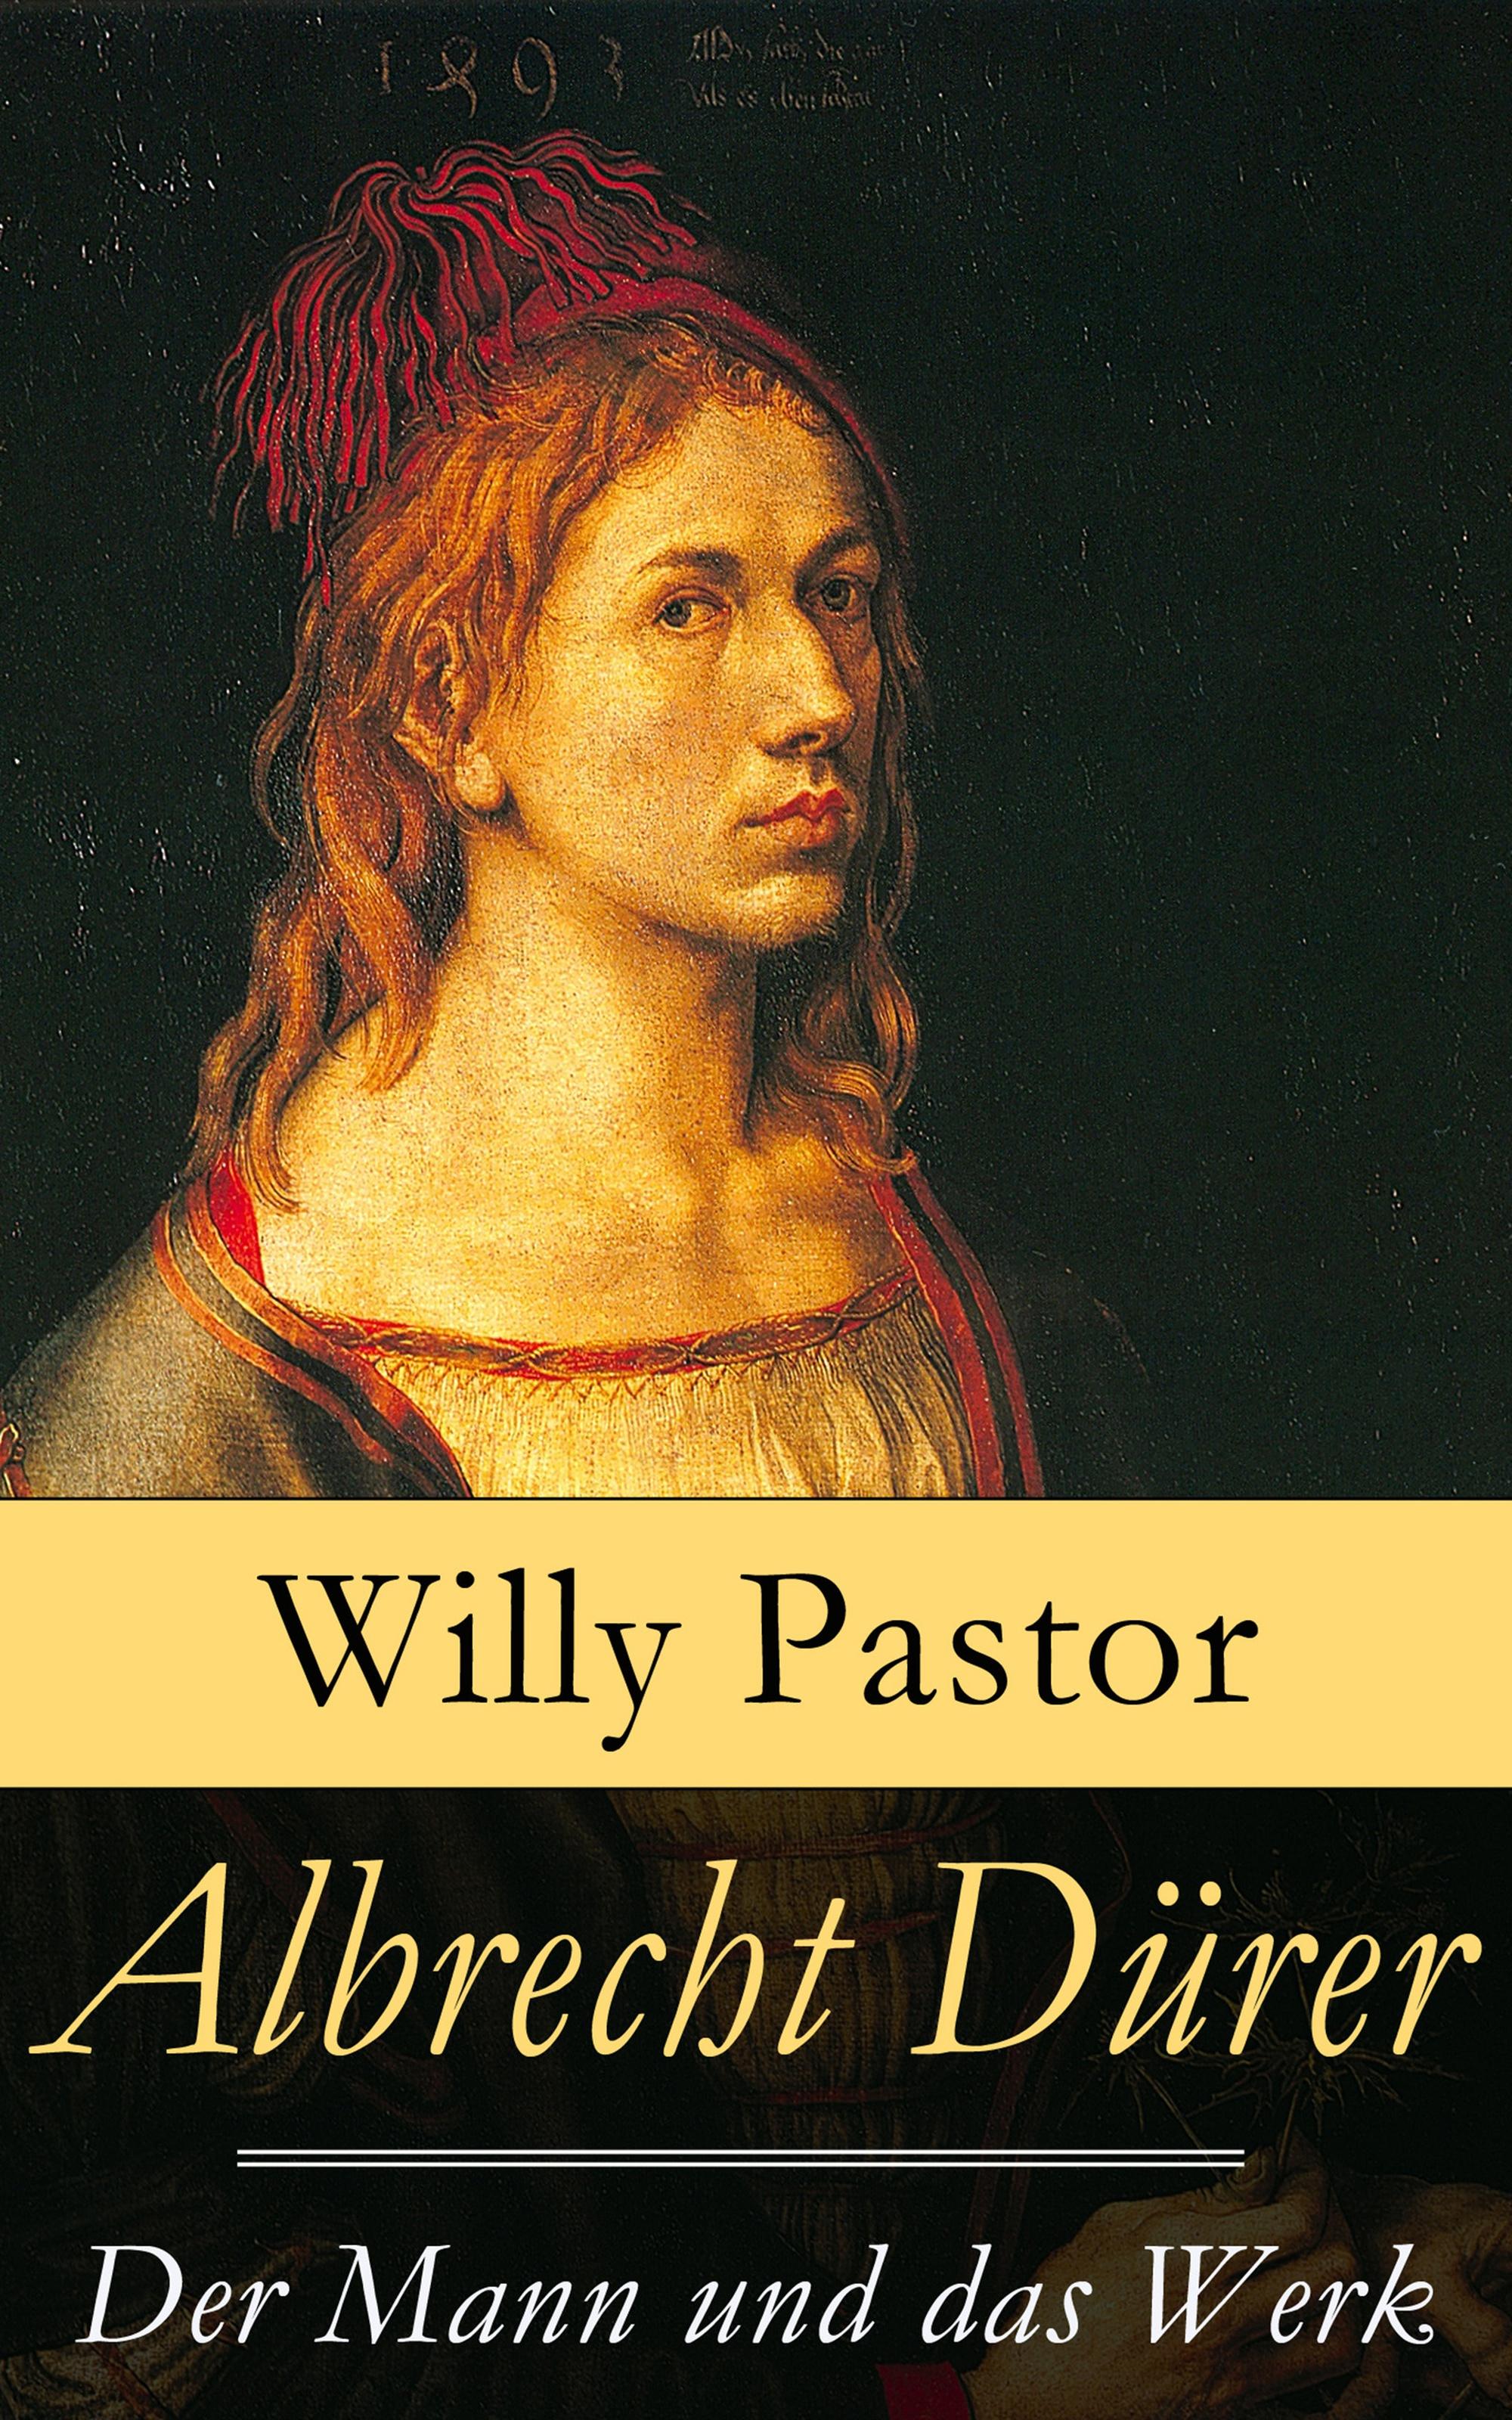 Willy Pastor Albrecht Dürer - Der Mann und das Werk a durer albrecht durers unterweisung der messung